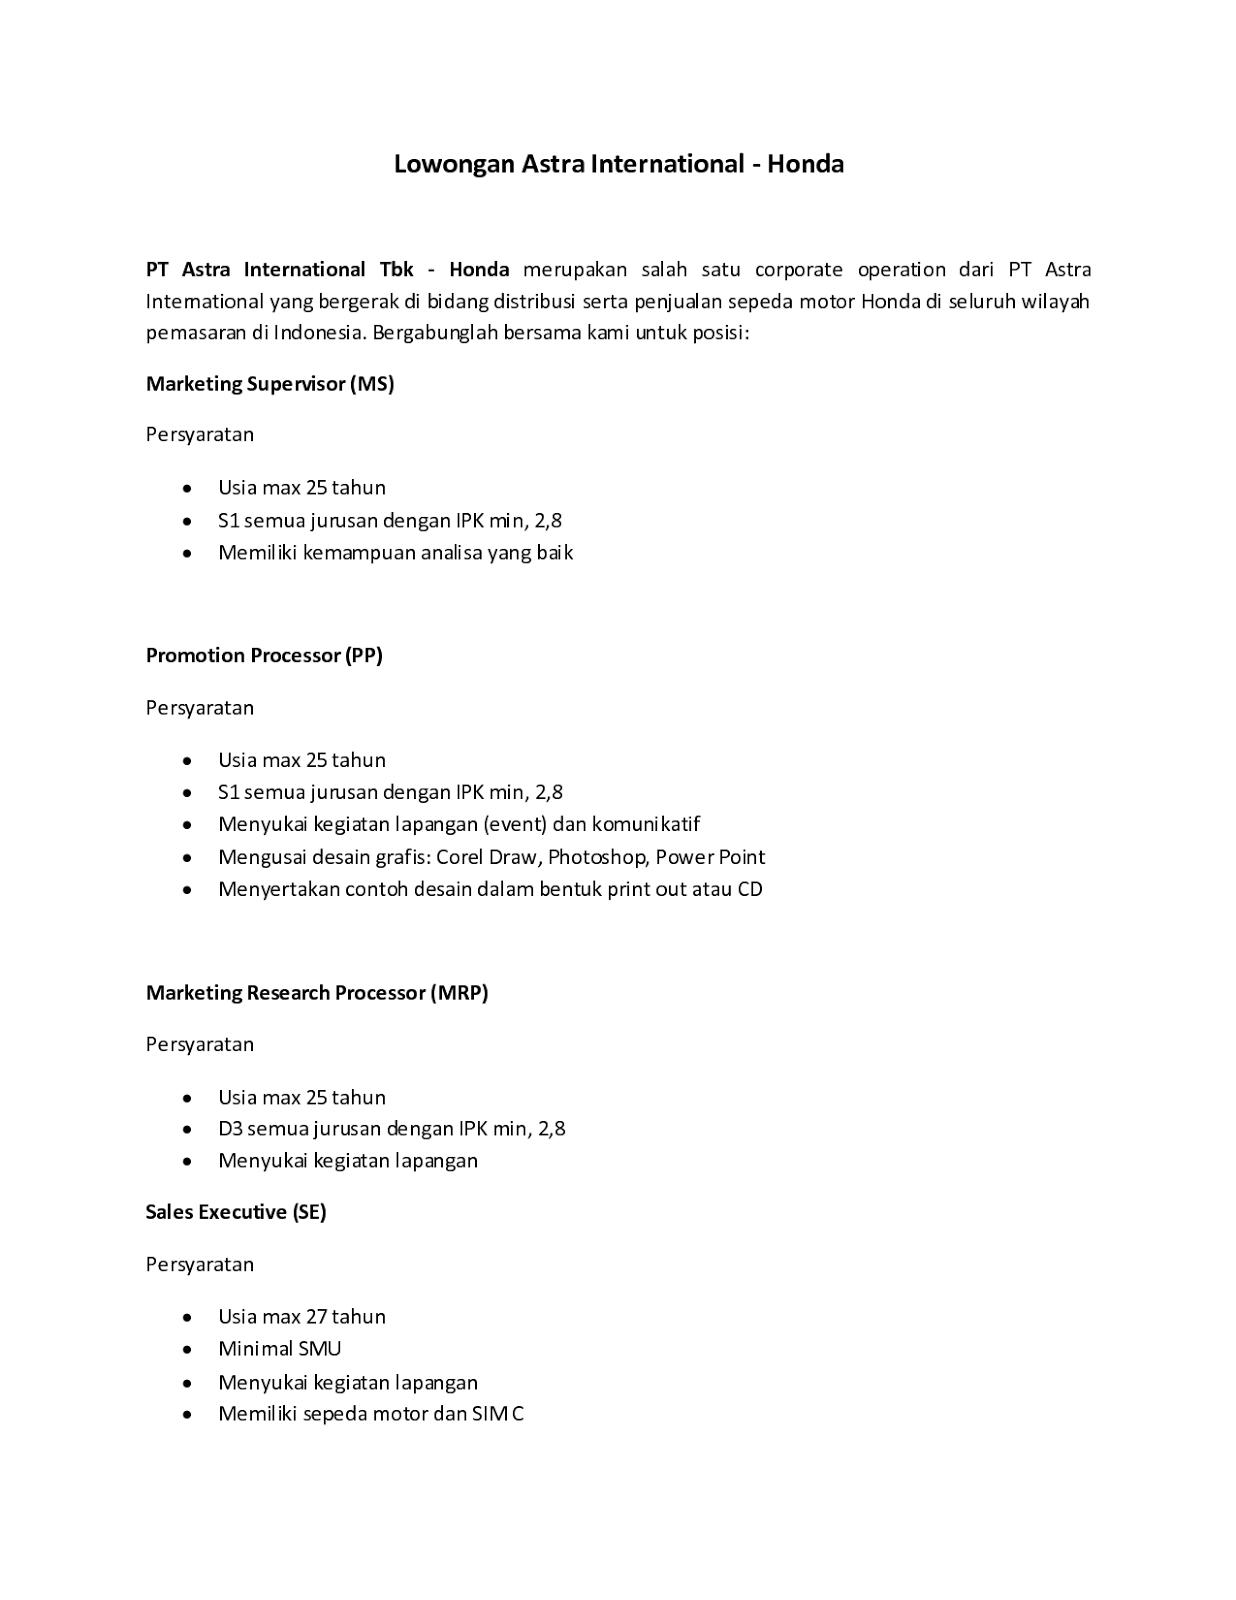 Contoh Surat Lamaran Di Pt Astra Honda Motor Surat Pemasaran Kalimat Pembuka